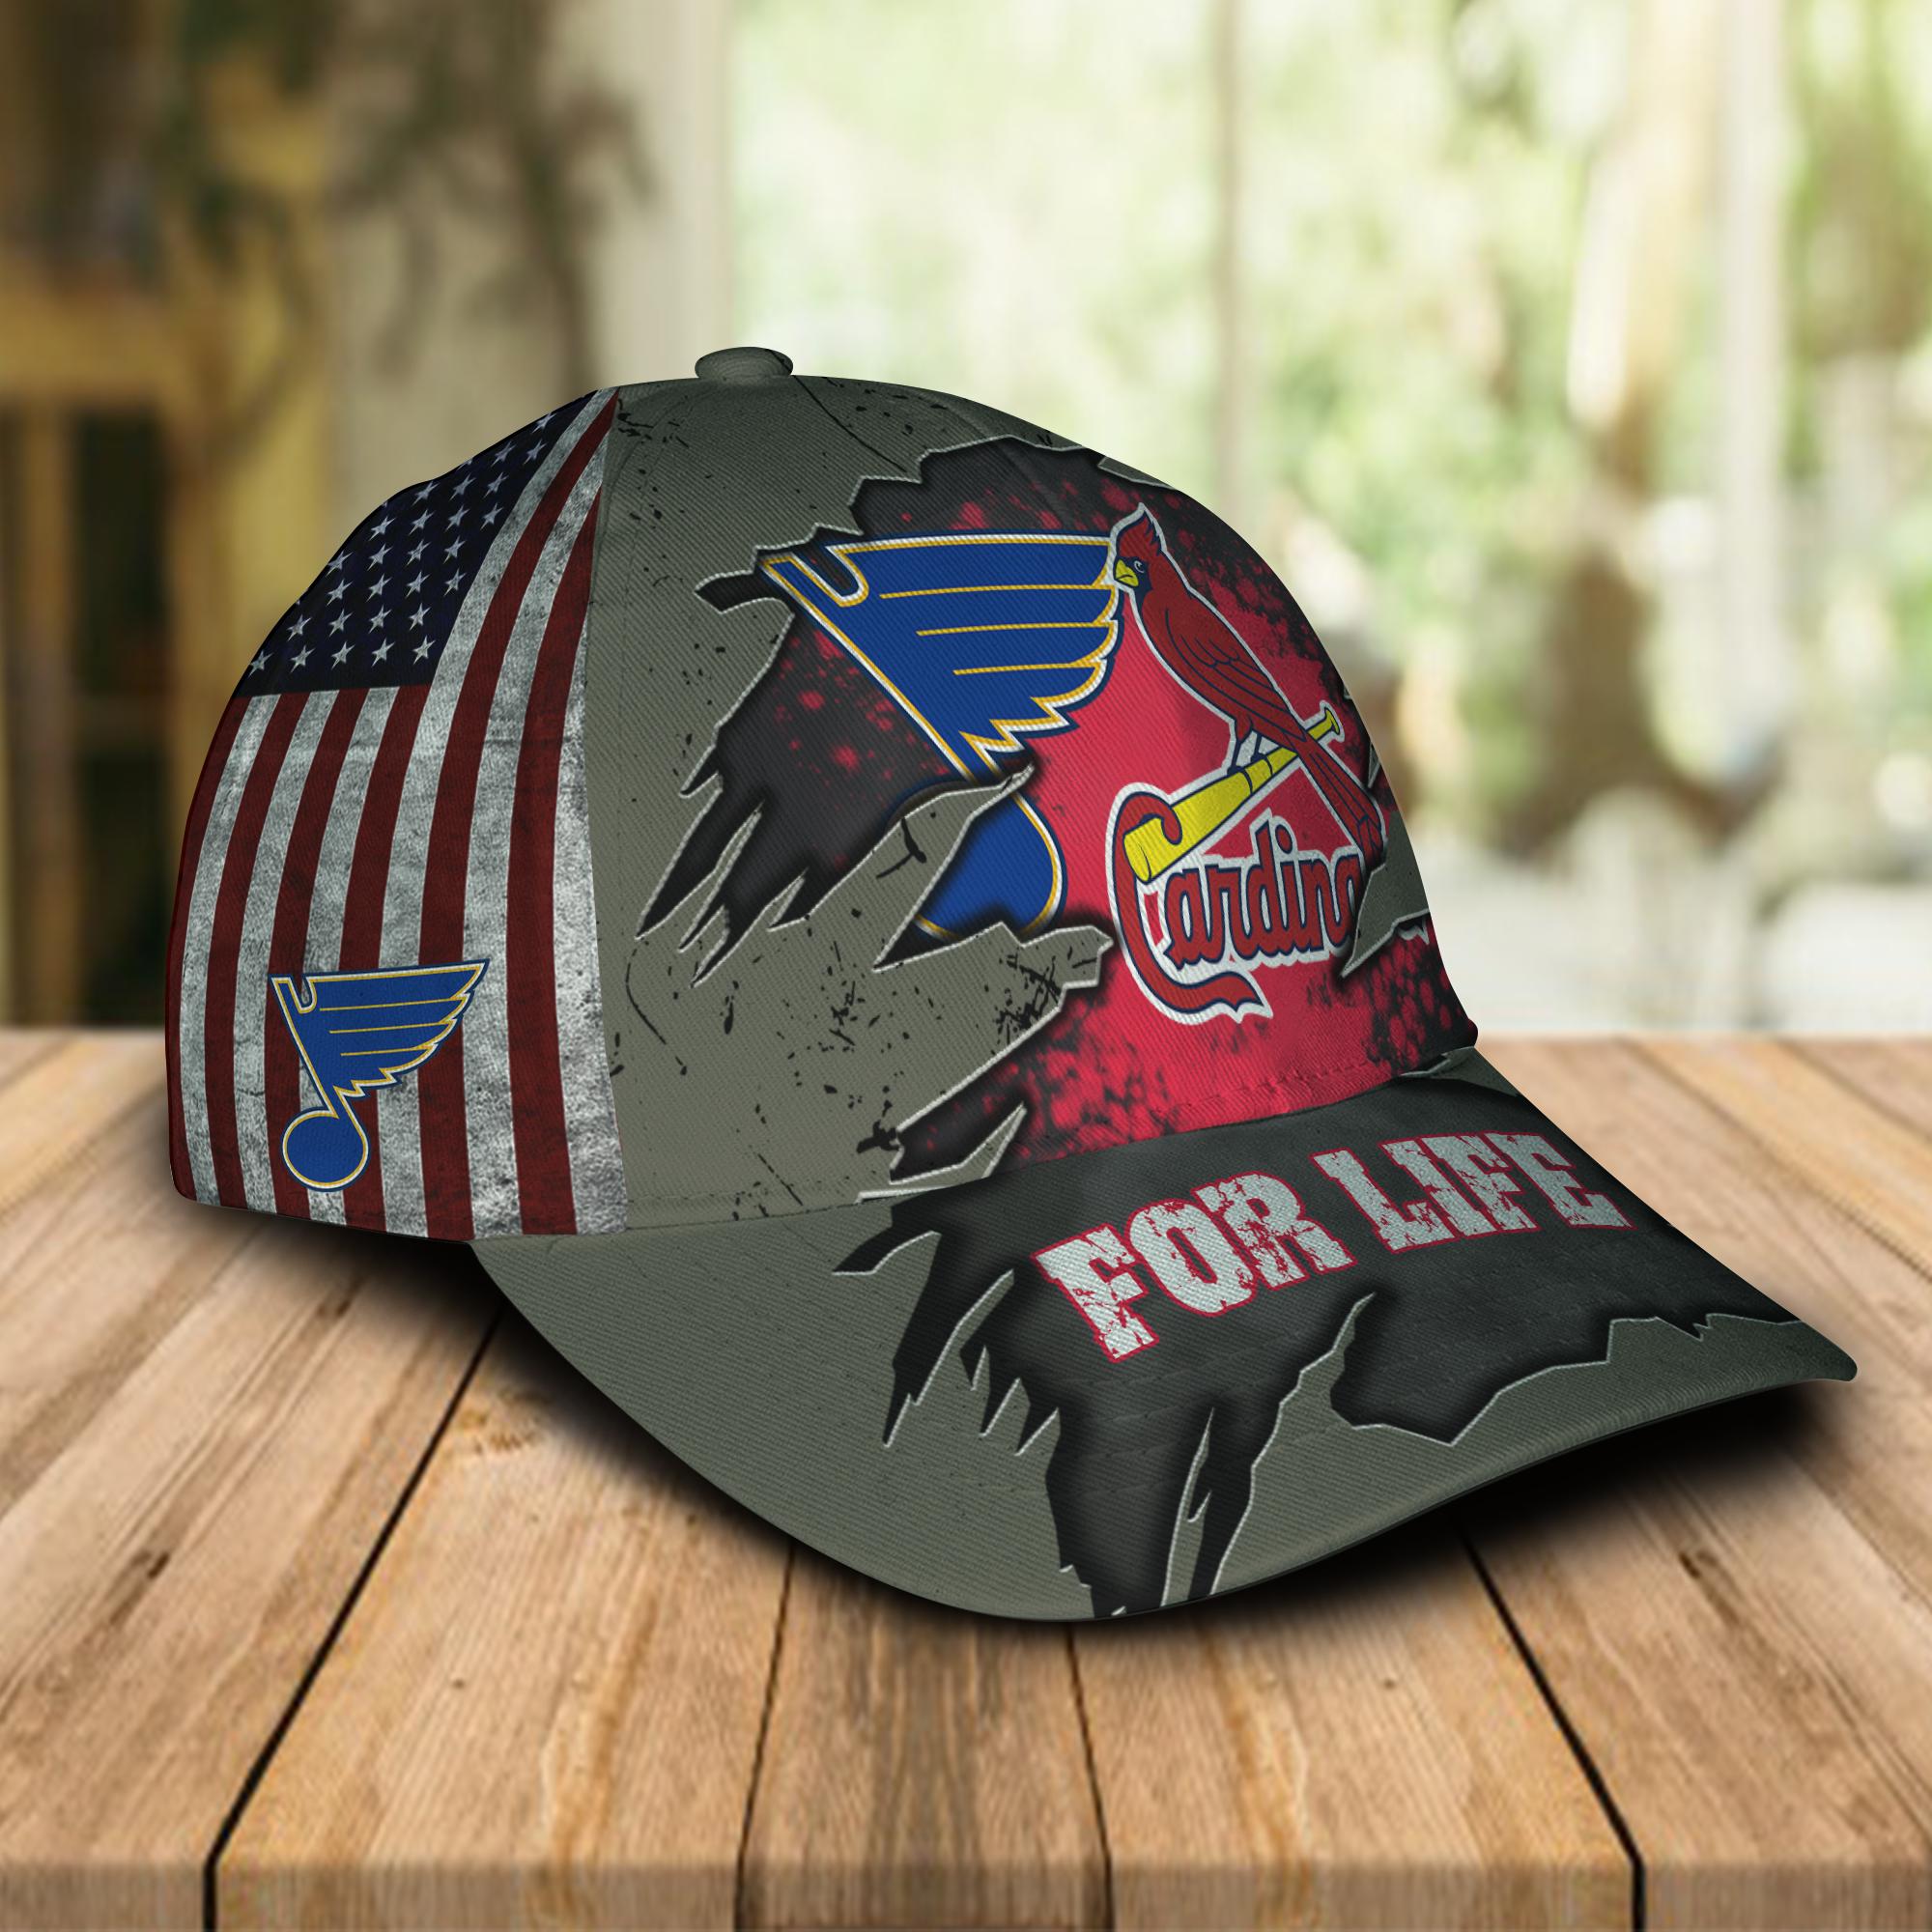 St. Louis Cardinals St. Louis Blues For Life Cap Hat-1